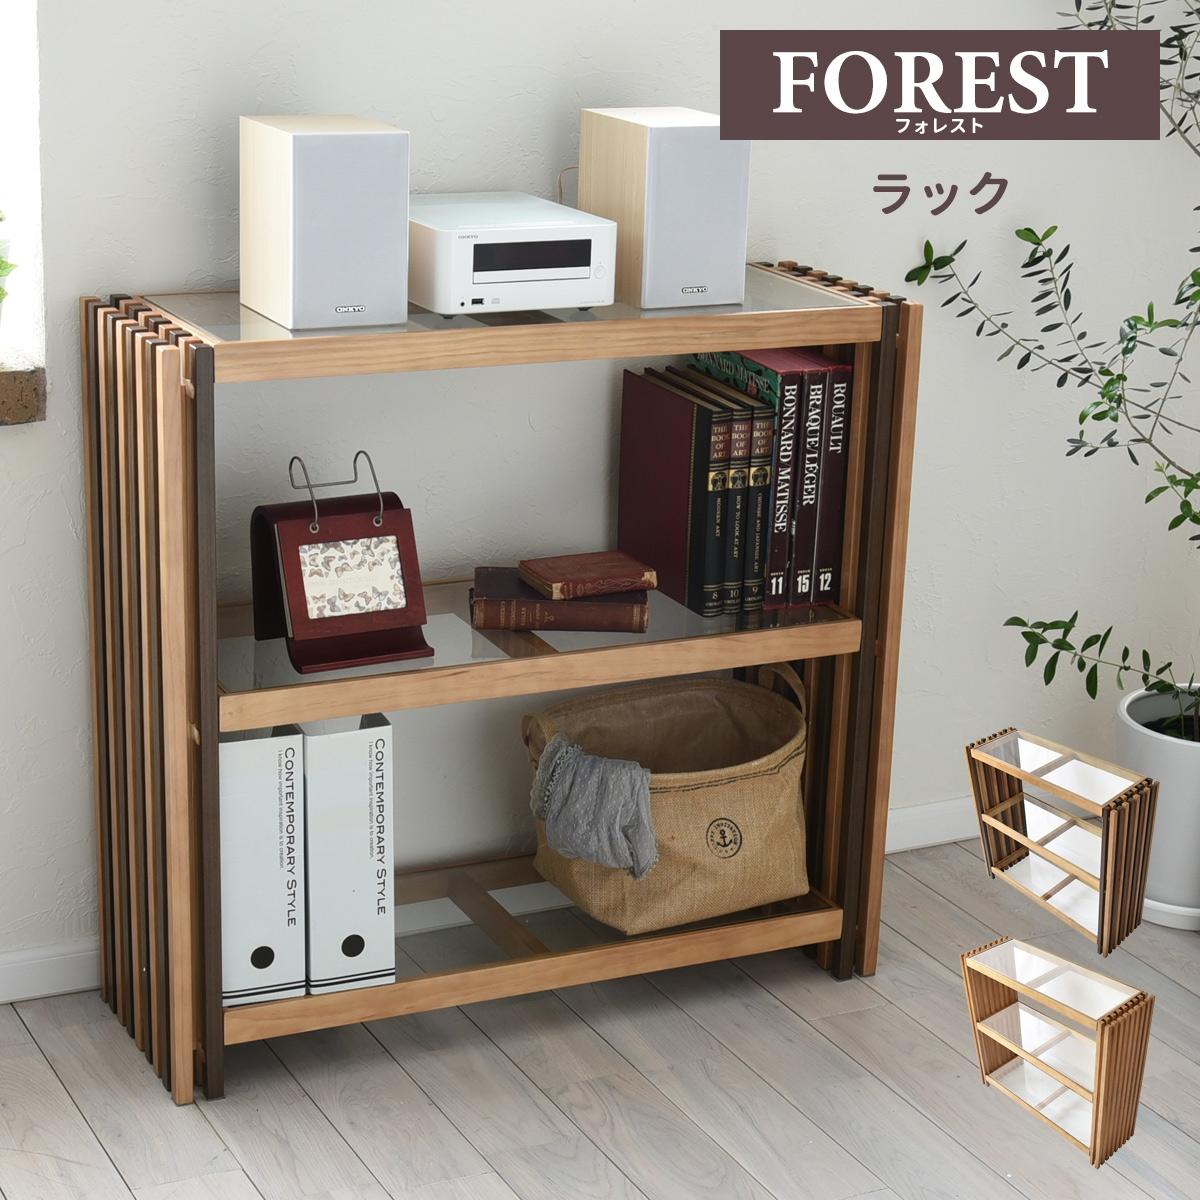 FOREST ラック W900×D300×H840mm 【送料無料 SALE】 フォレスト 木製 ウッド お洒落 オシャレ 家具 インテリア FOR-900